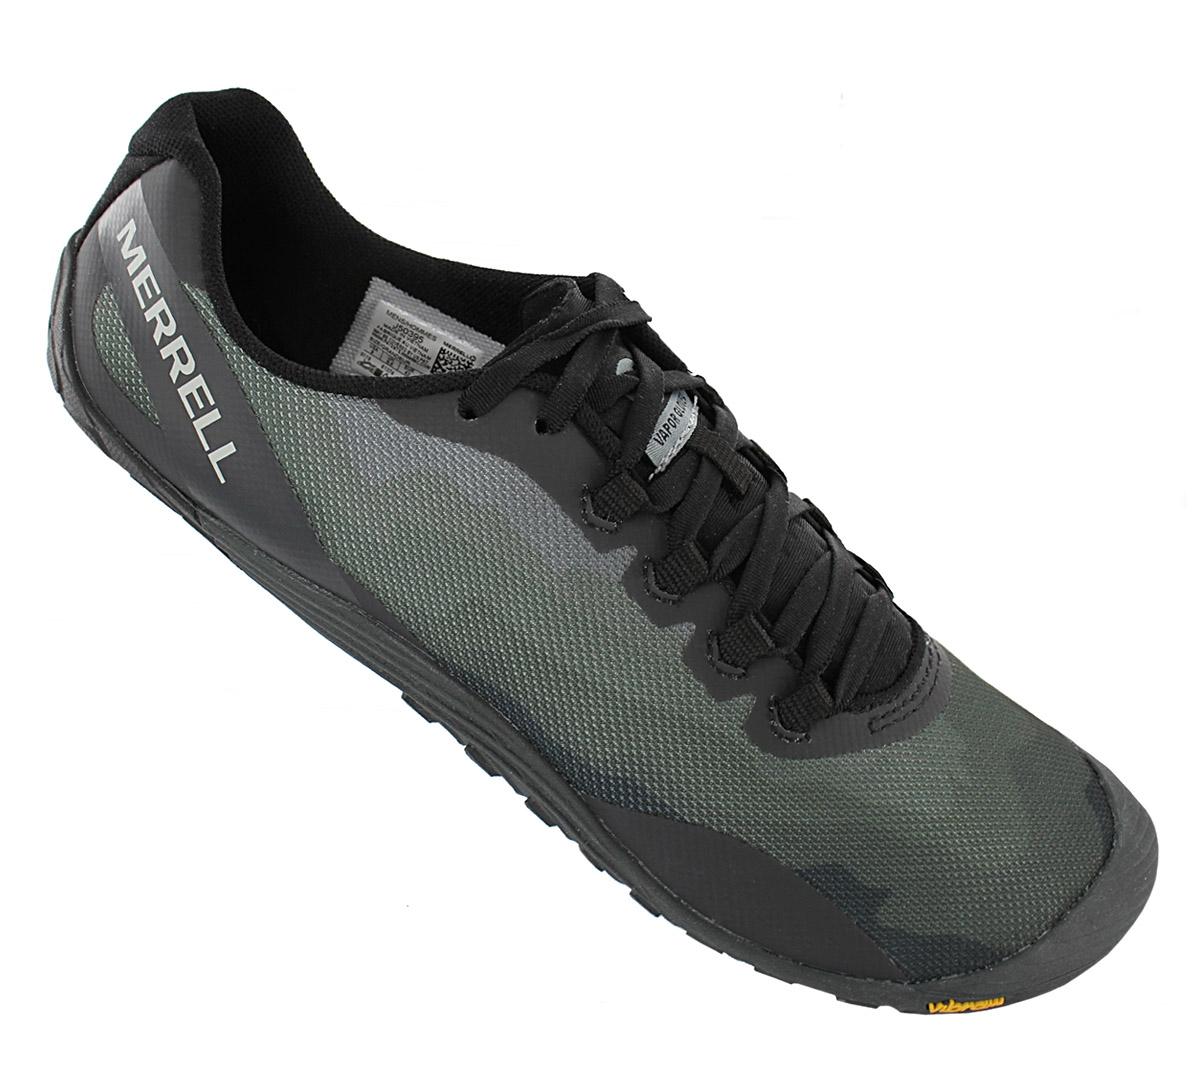 Schuhe MERRELL Vapor Glove 4 J50395 Black Outdoor